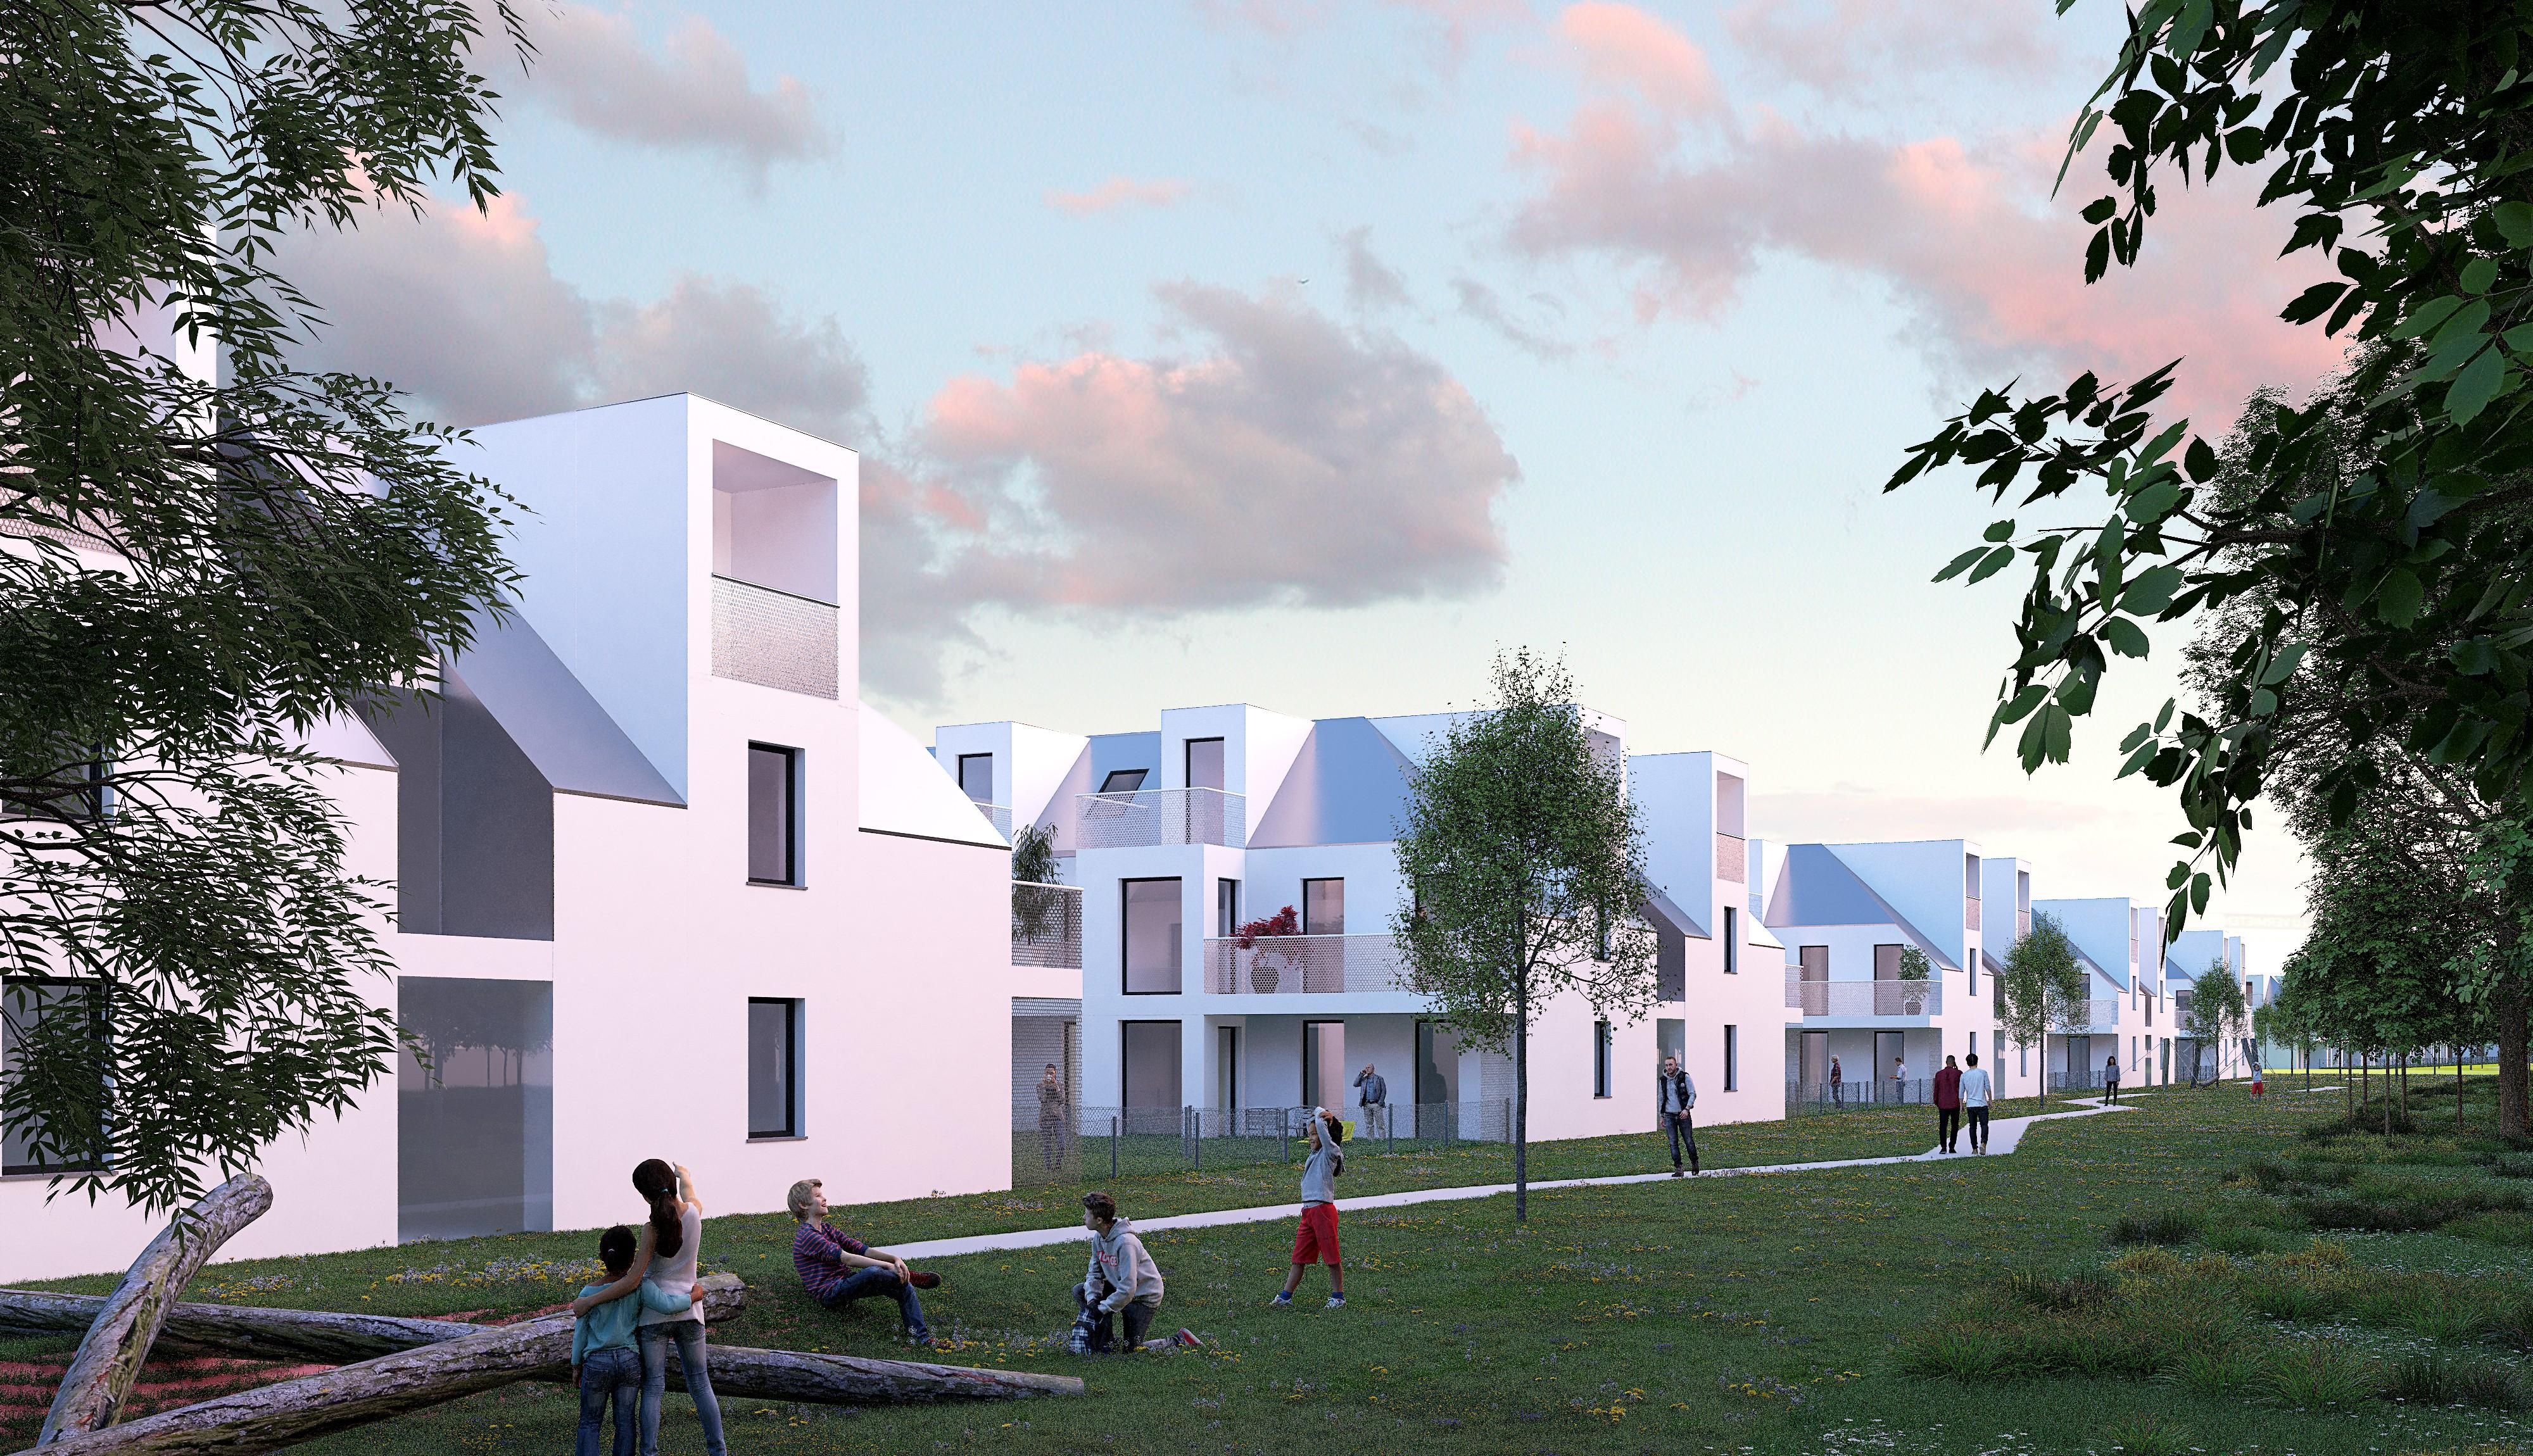 © RUNSER / PRANTL architekten, Passiv Wohnhausanlage, 1210 Wien, Österreich, Wettbewerb, 2019, Passiv Wohnhausanlage